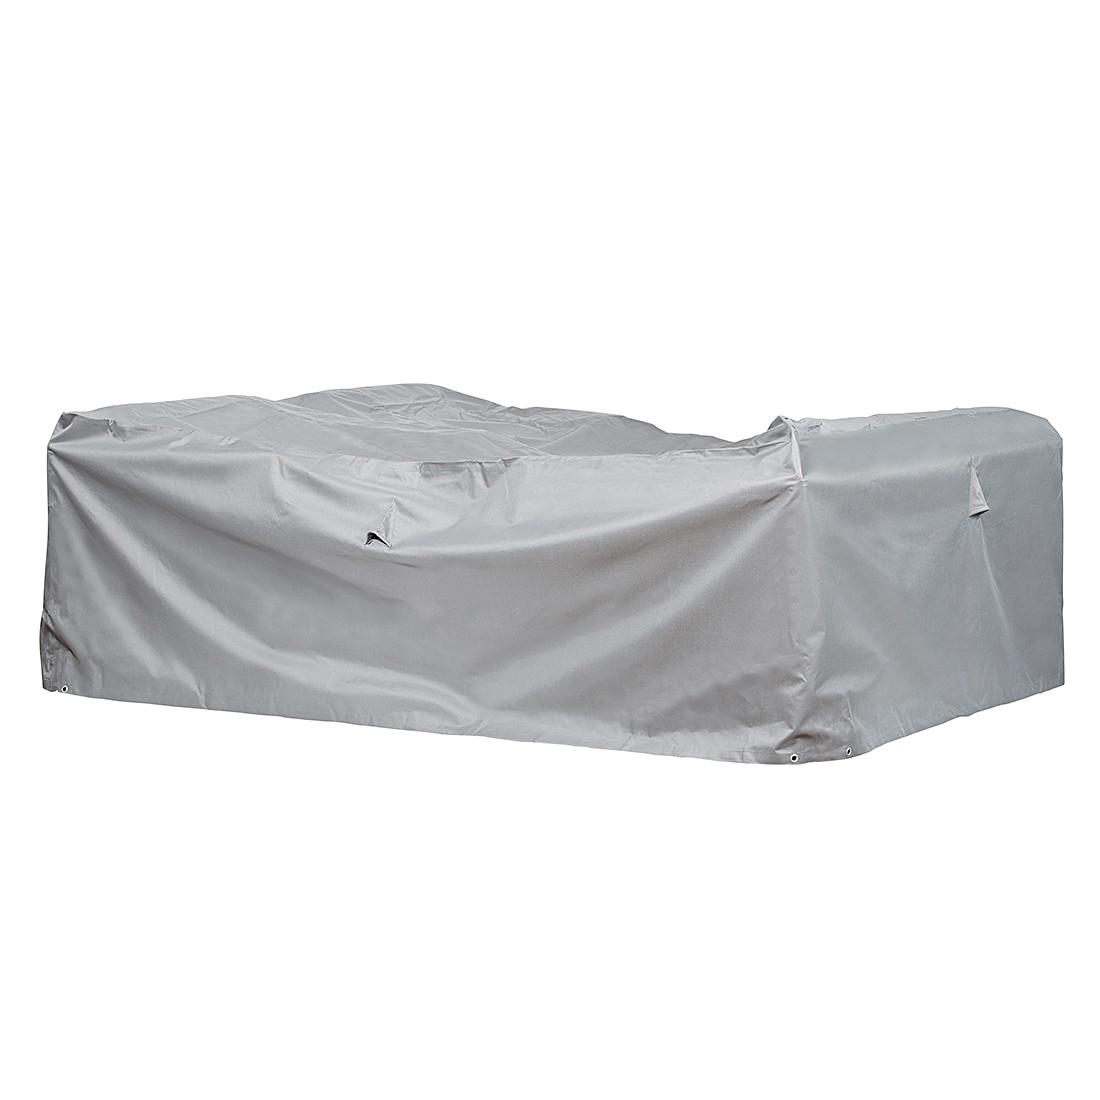 Schutzhülle Premium für Loungegruppe (230 x 165 cm) - Polyester, mehr Garten